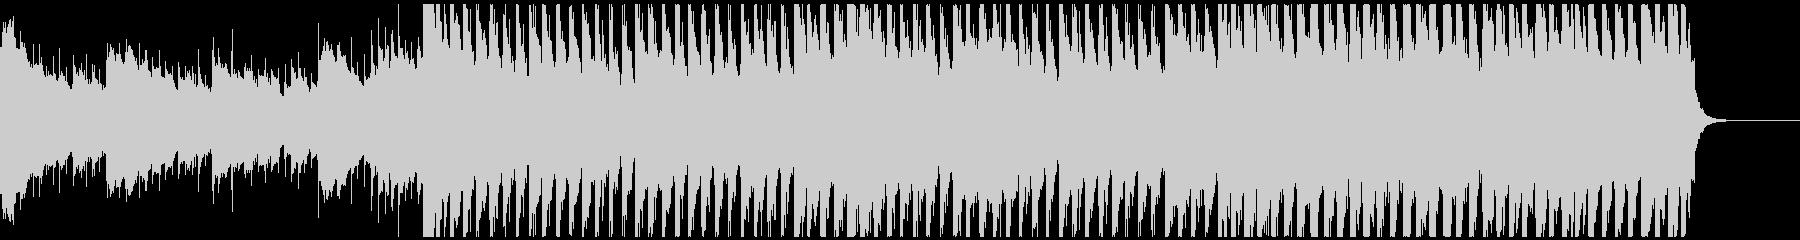 60秒版企業VP徐々に立ち上がっていく曲の未再生の波形